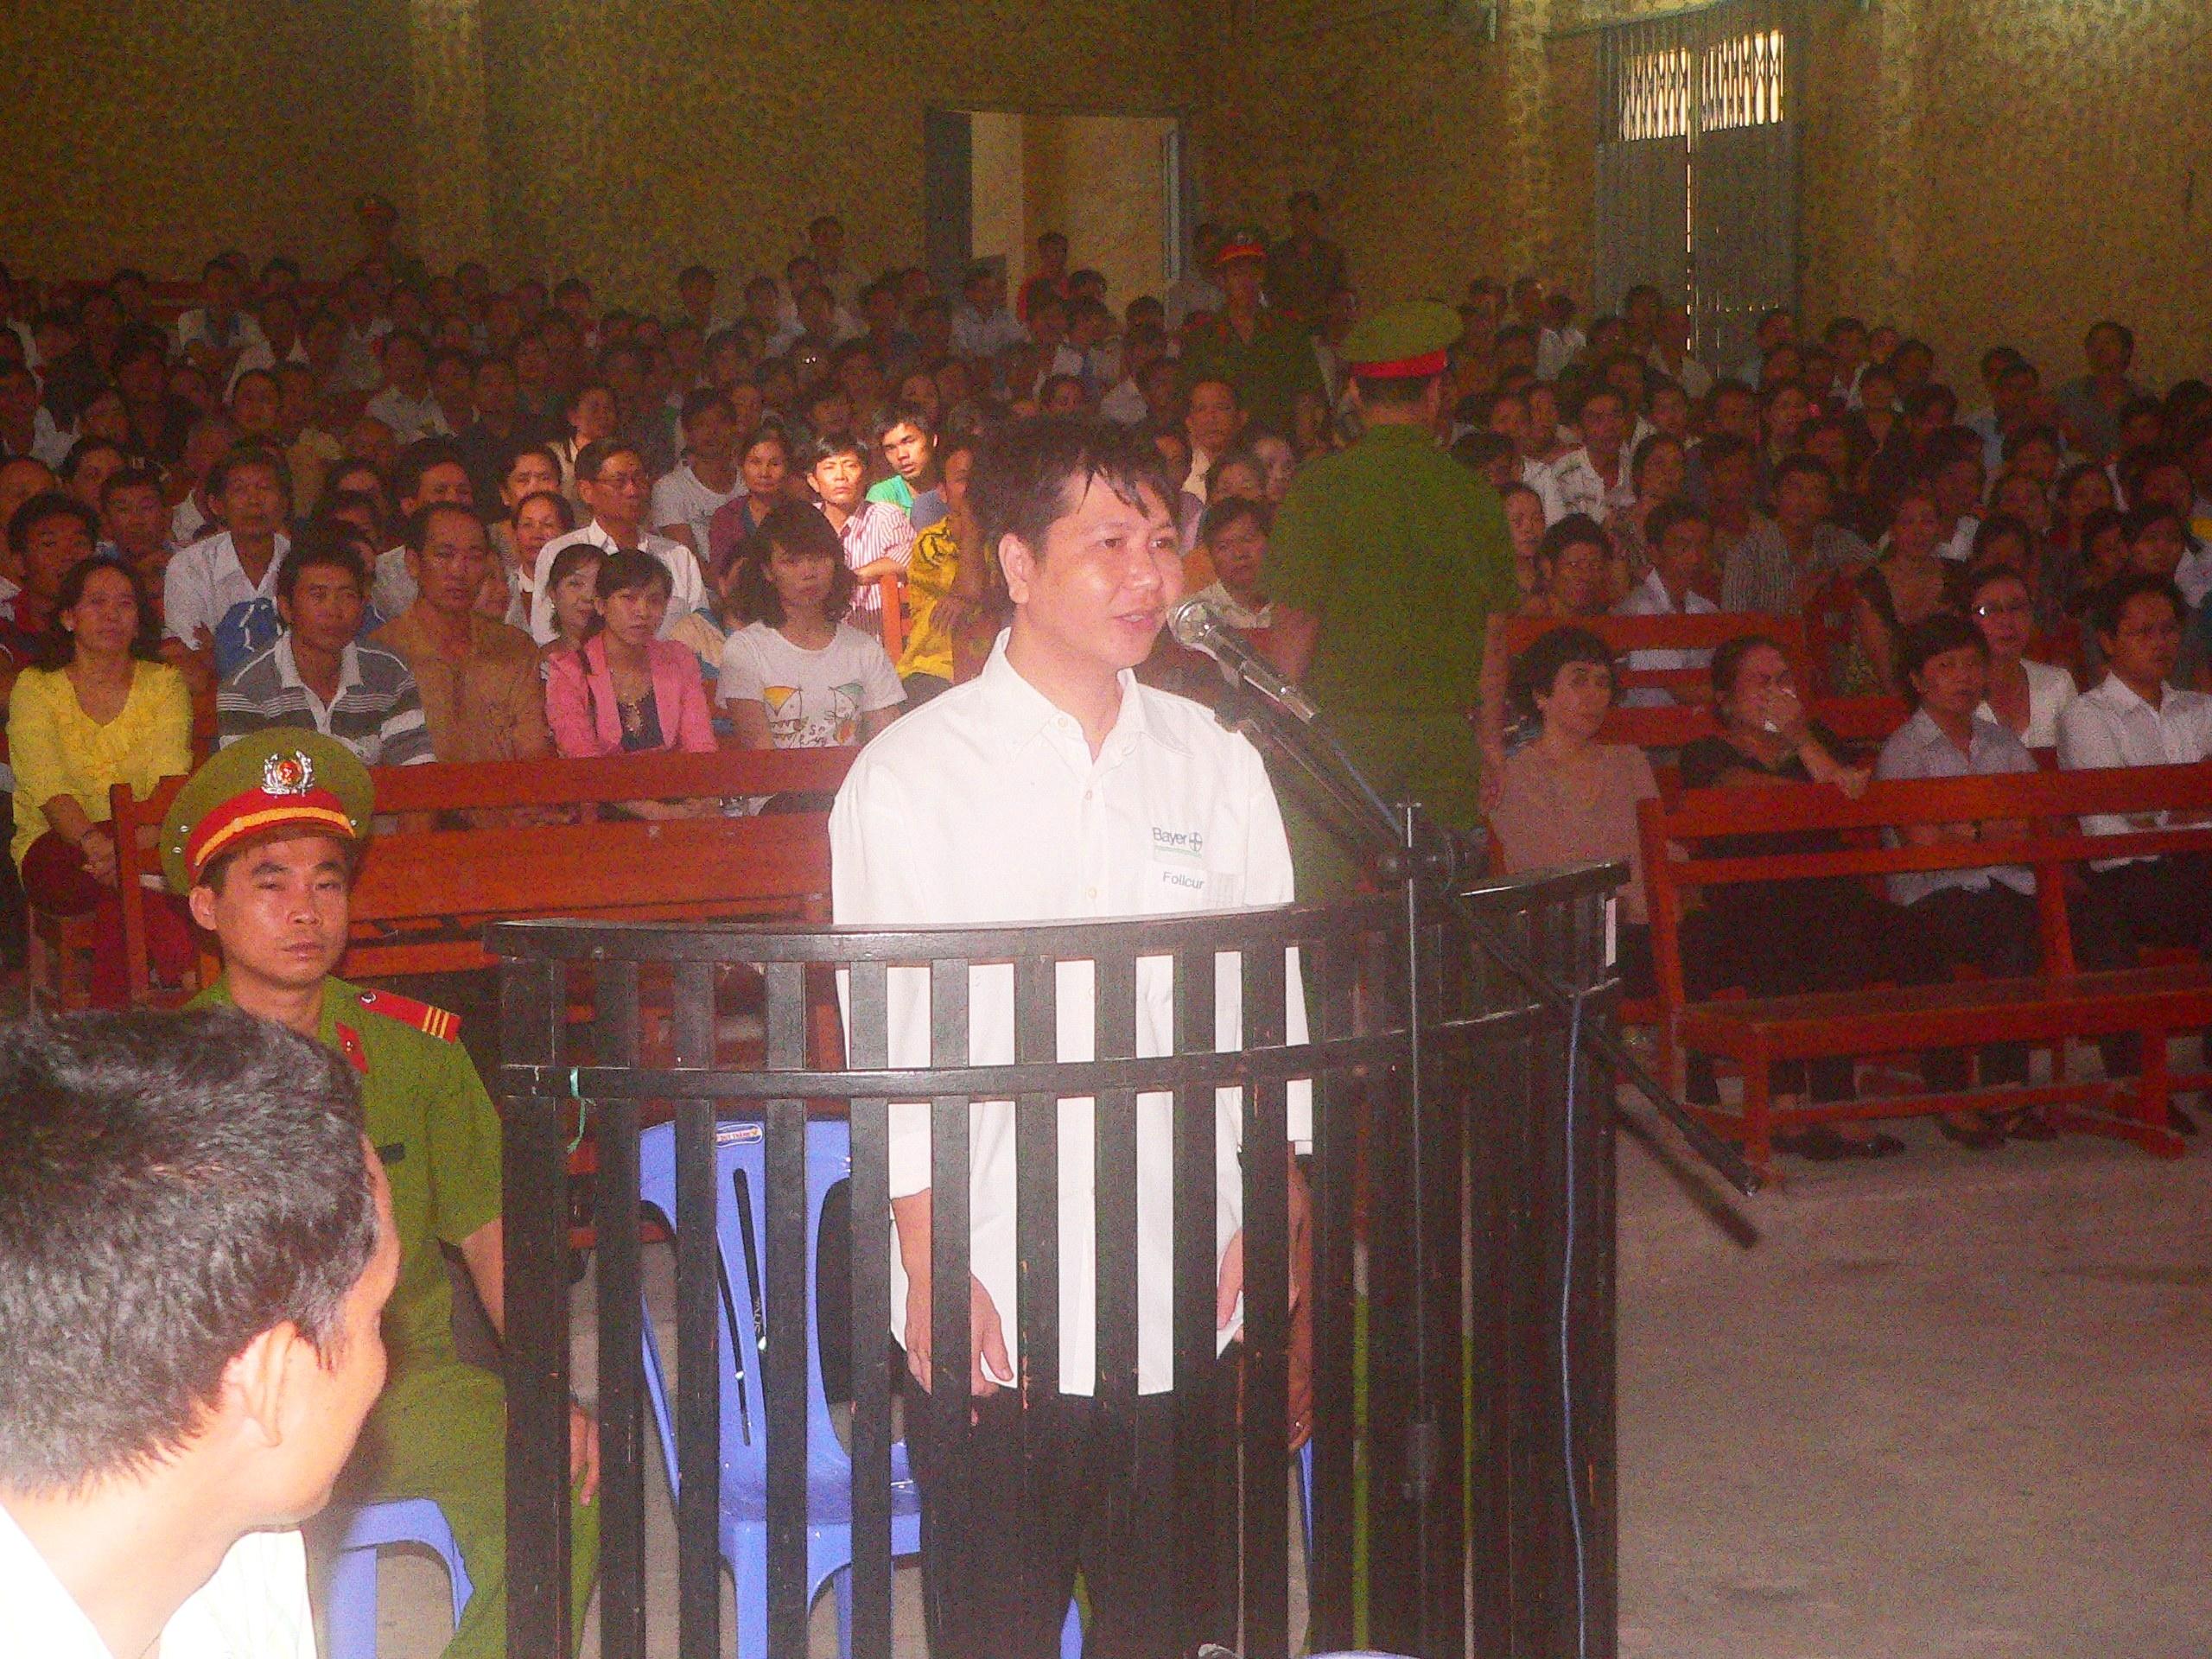 Bị cáo Tiên luôn cúi đầu nhận tội và xin lỗi các bị hại trong lời nói sau cùng trước khi HĐXX tuyên án